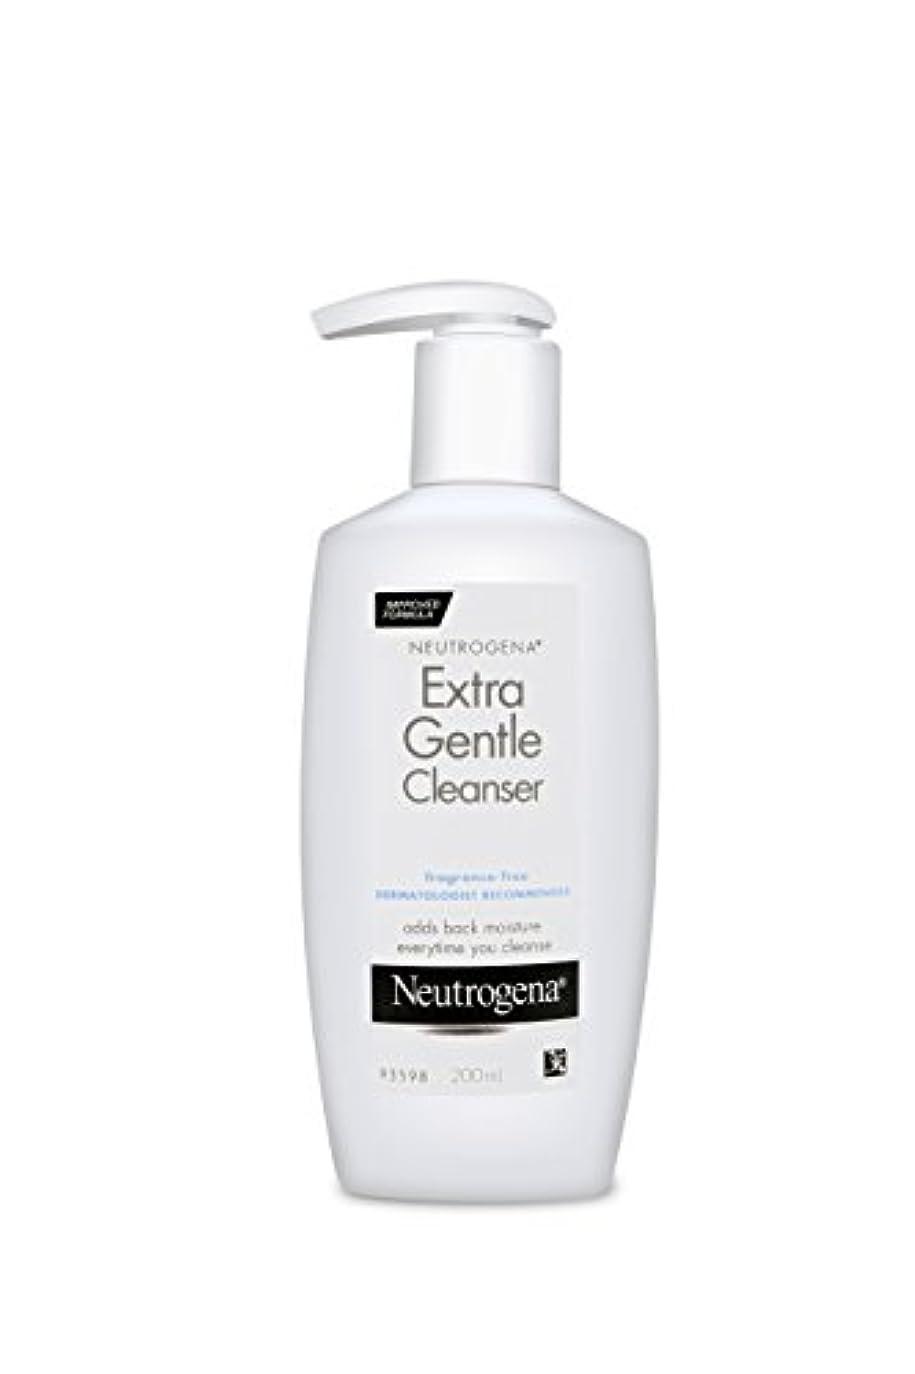 ネストパーティション輝くNeutrogena Extra Gentle Cleanser 200 ml (並行輸入品)